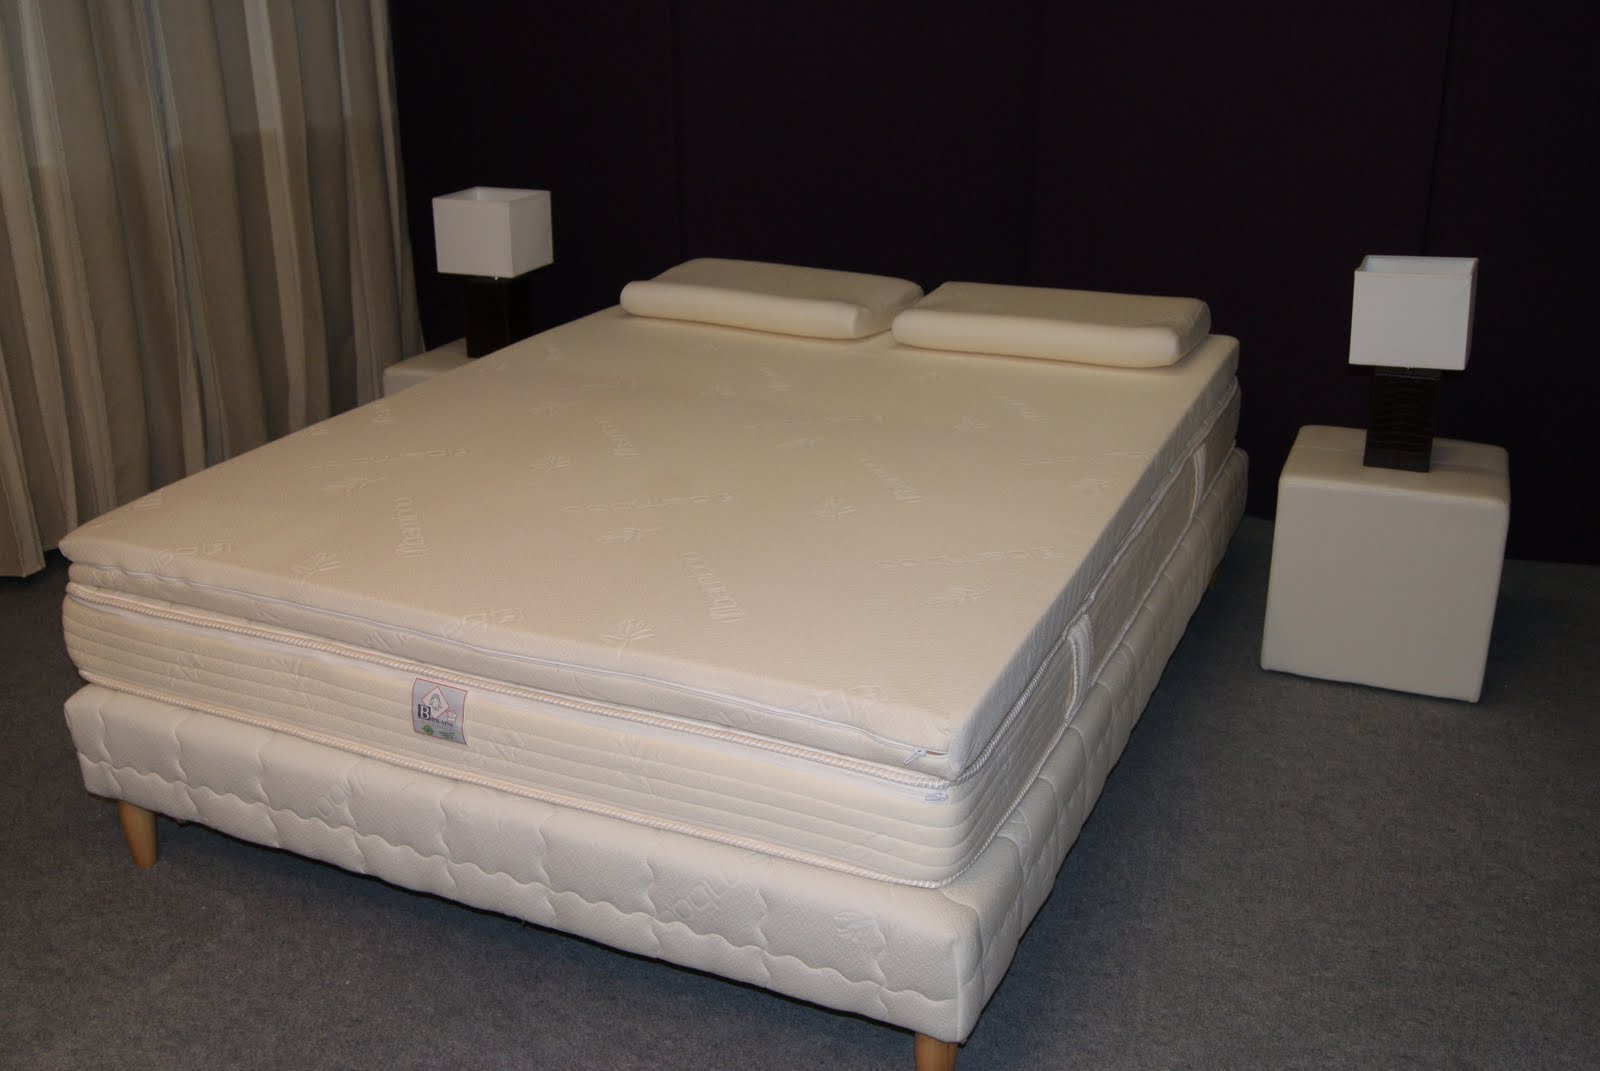 atelier de morph e nouveaute le sur matelas m moire de forme. Black Bedroom Furniture Sets. Home Design Ideas